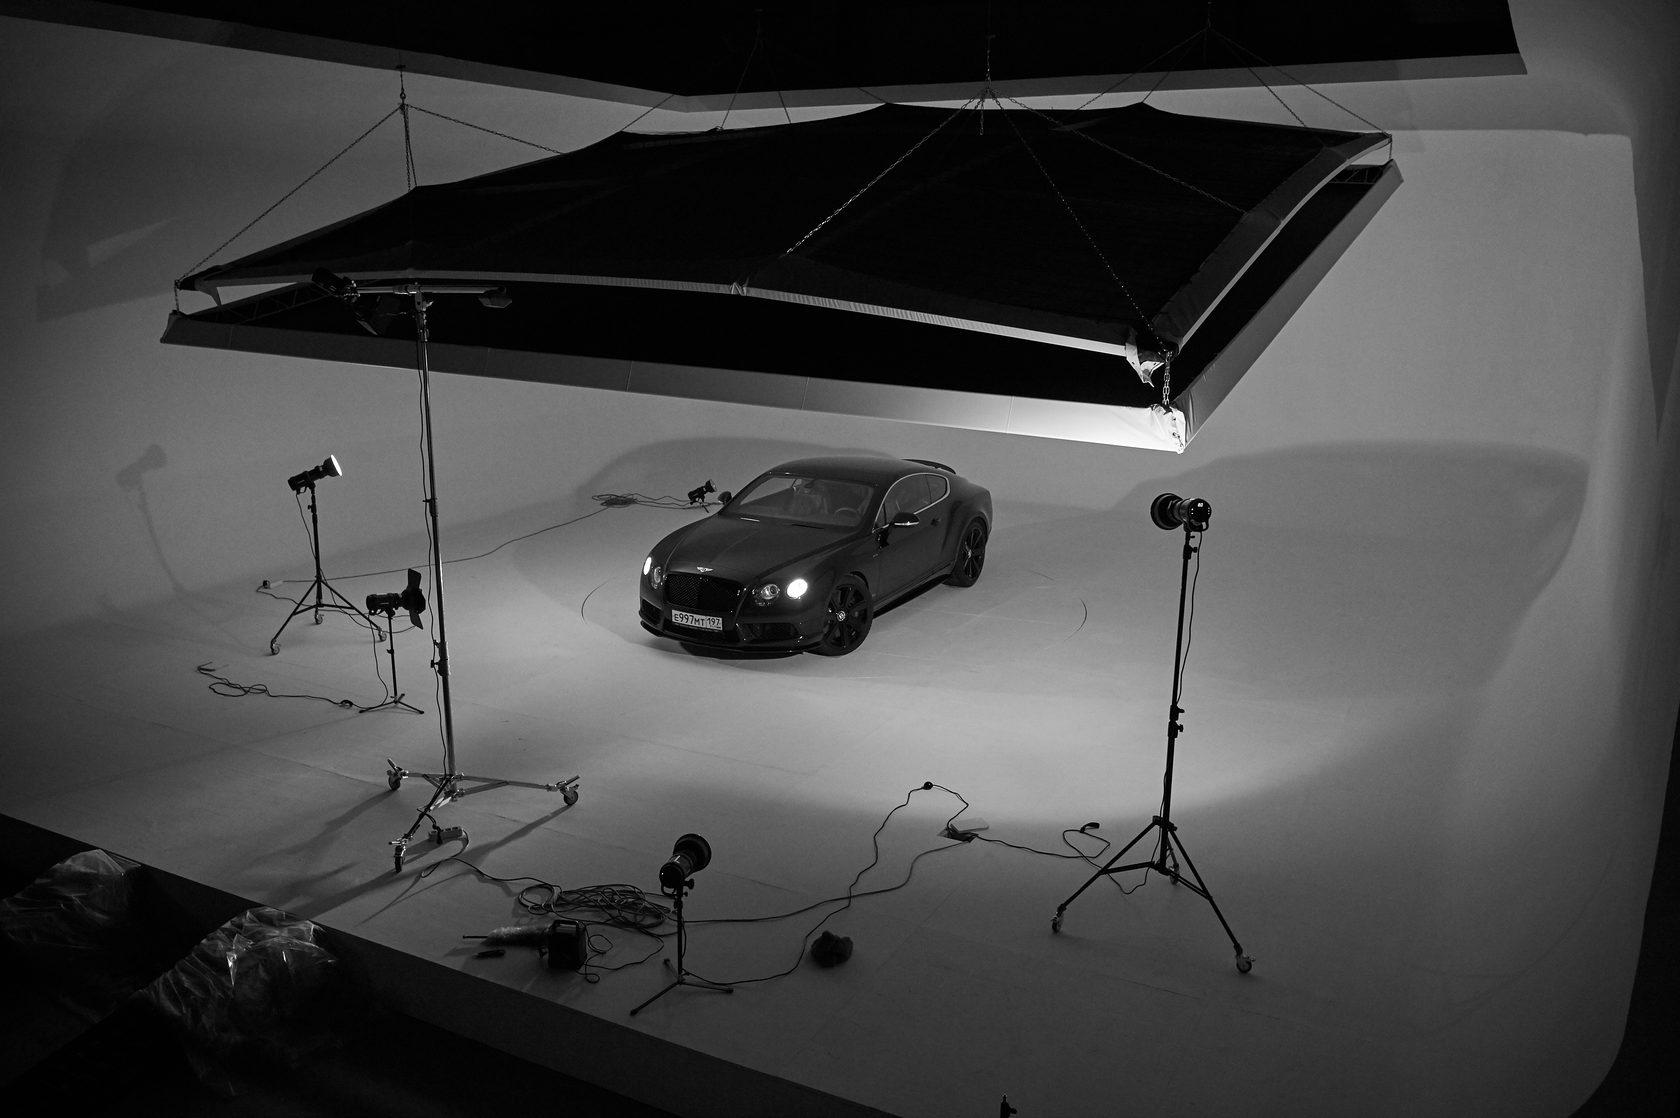 Освещение для фотосъемки автомобилей кружево